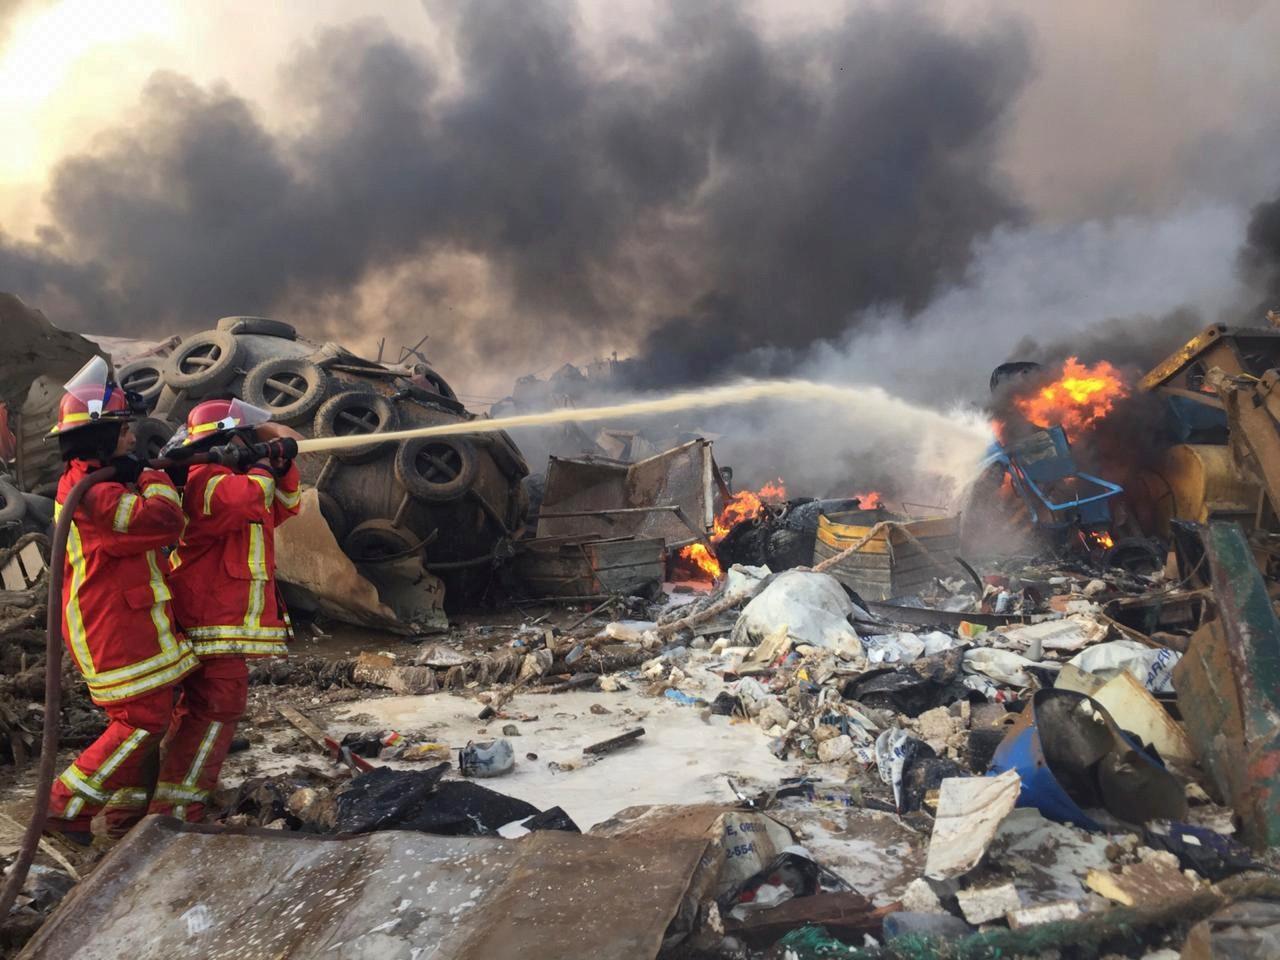 'Sentimos como se fosse um terremoto', diz brasileira em Beirute